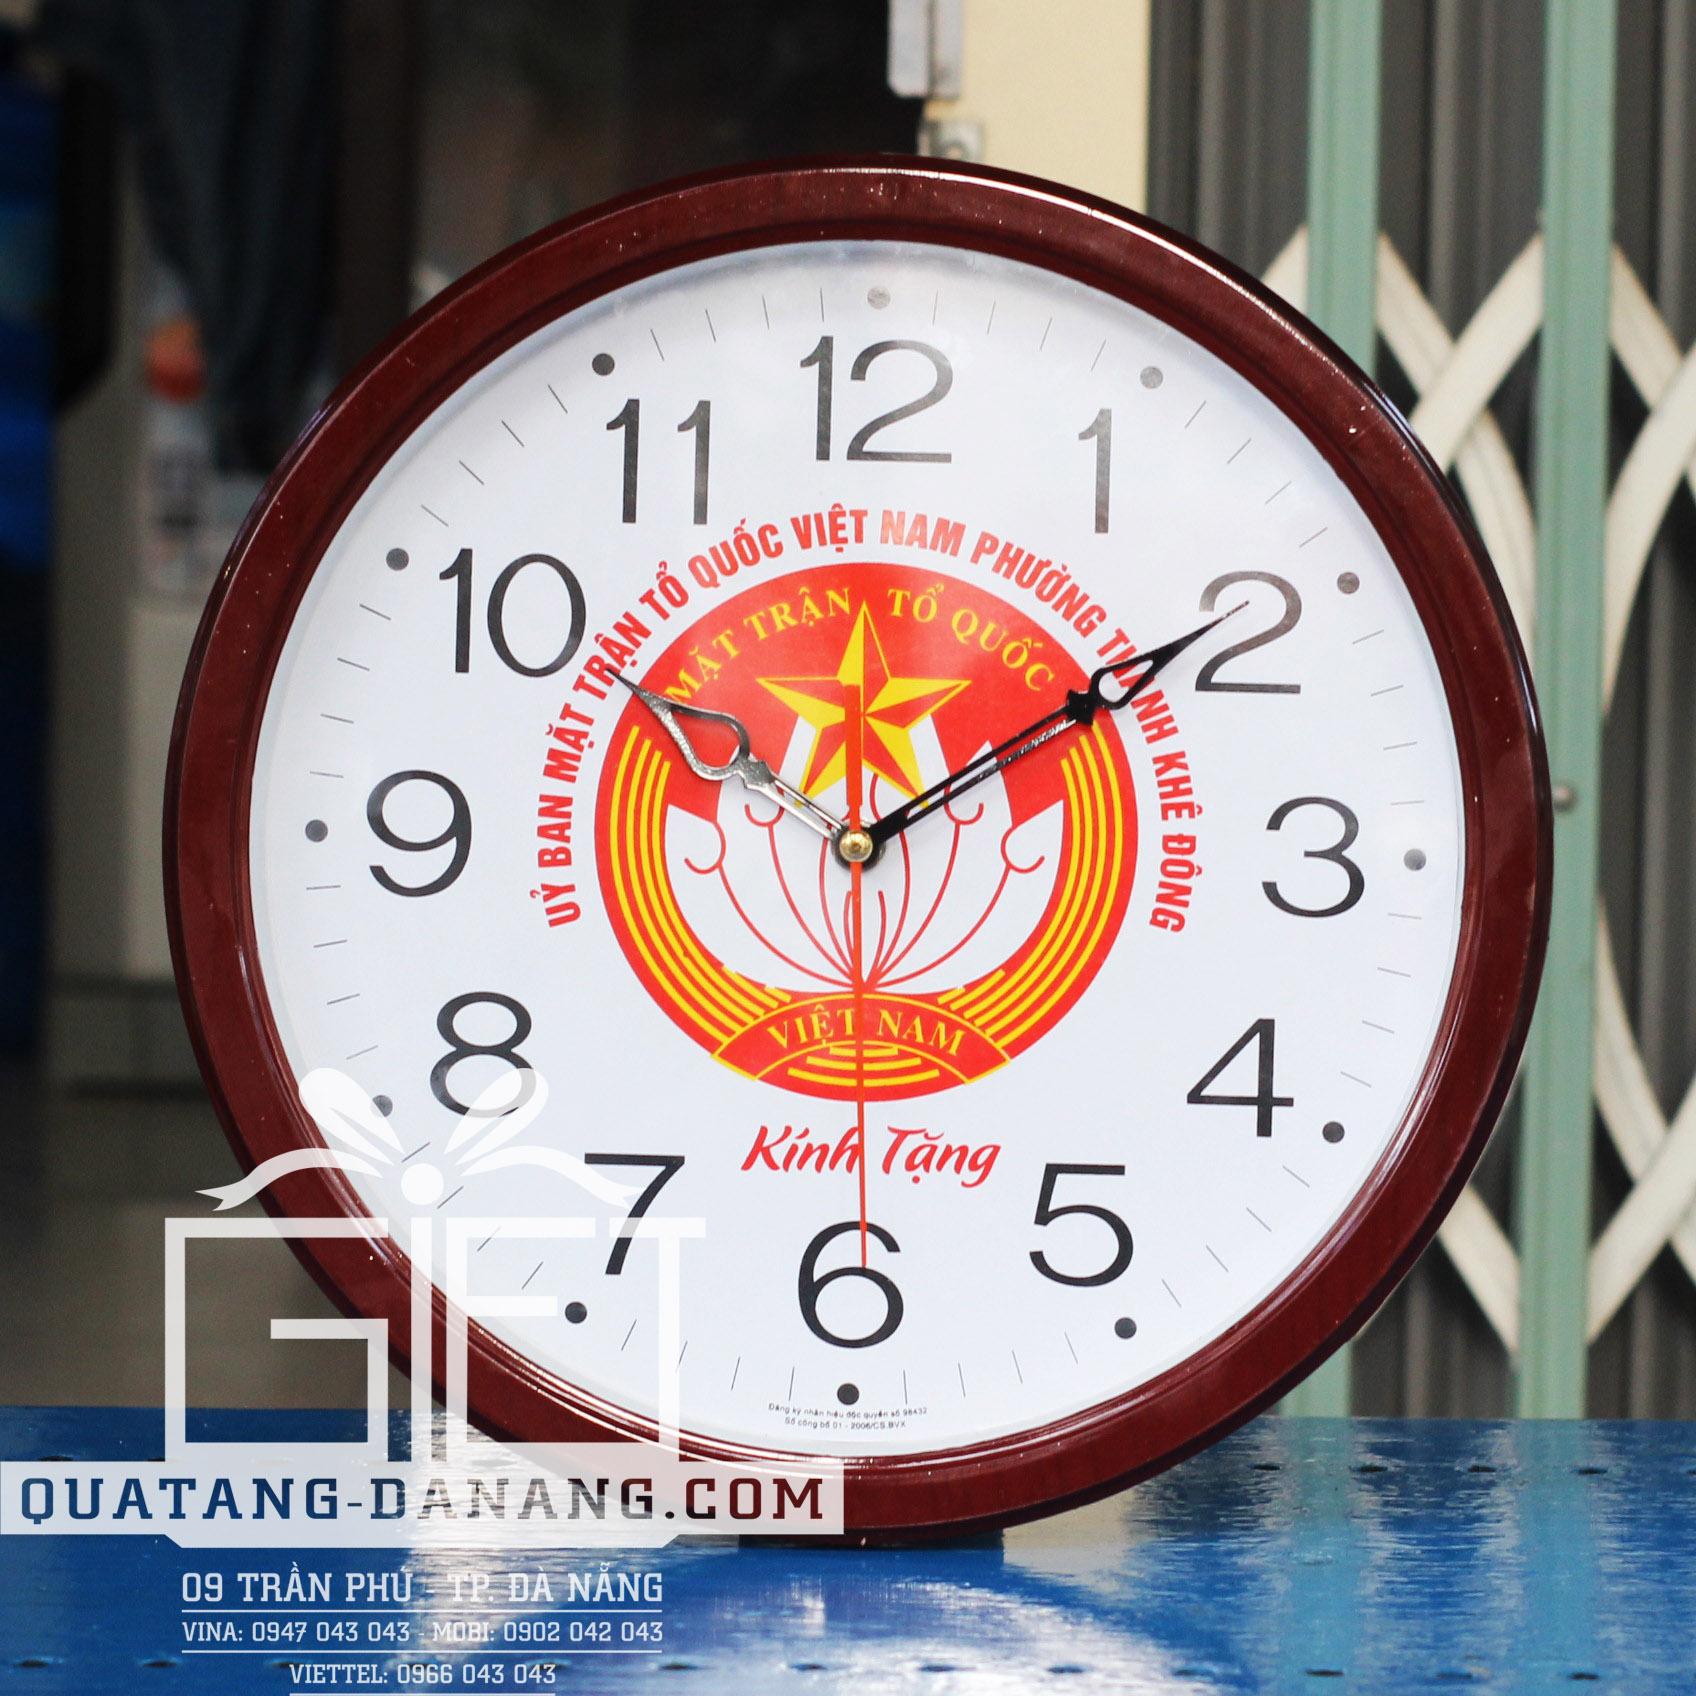 Sản xuất, cung cấp đồng hồ treo tường in quảng cáo tại Đà Nẵng – Gọi: 0902 042 043